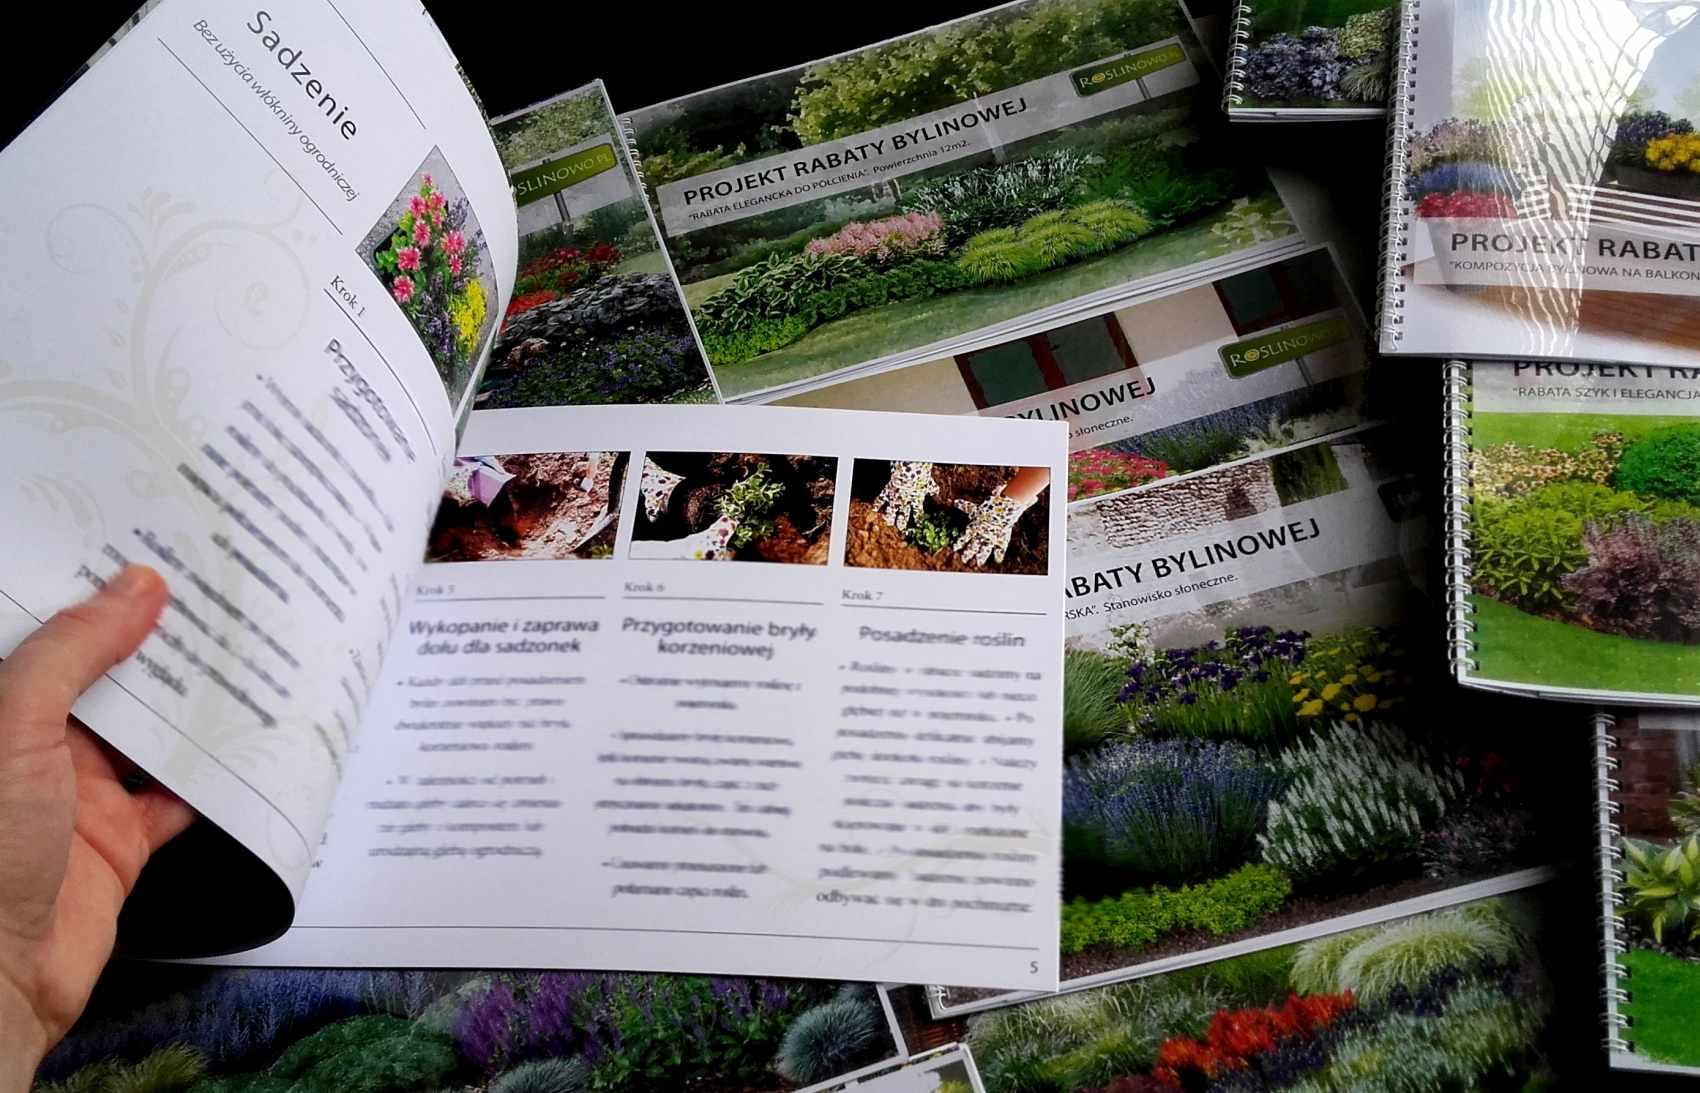 Instrukcja - jak sadzić rośliny - gotowe projekty ogrodów - roslinowo.pl